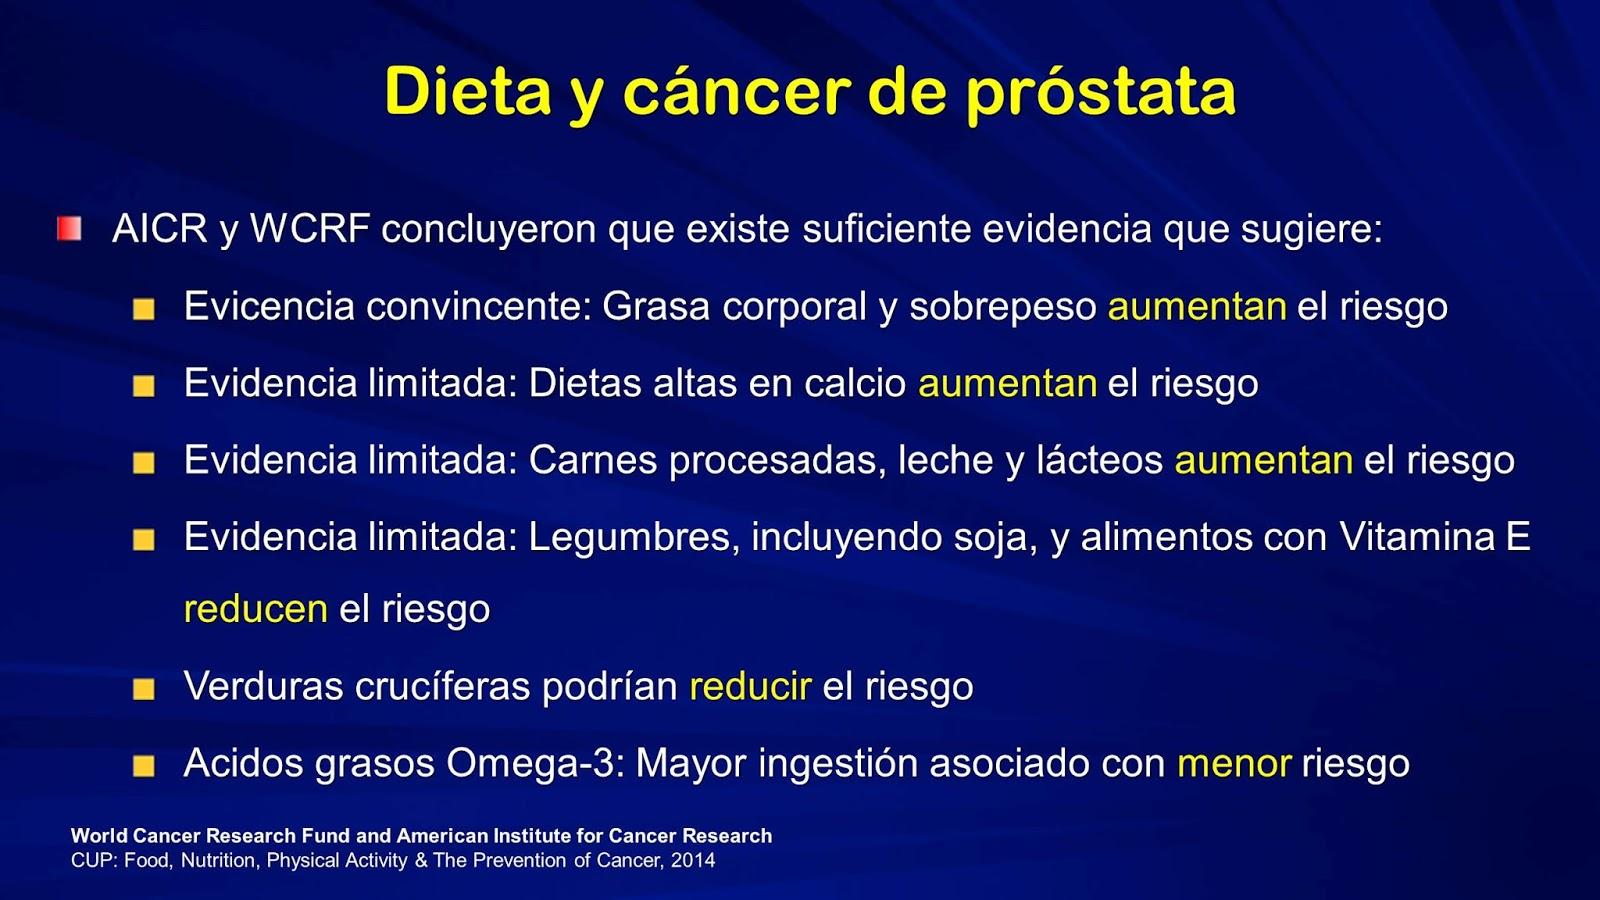 formulaciones saludables toman la próstata